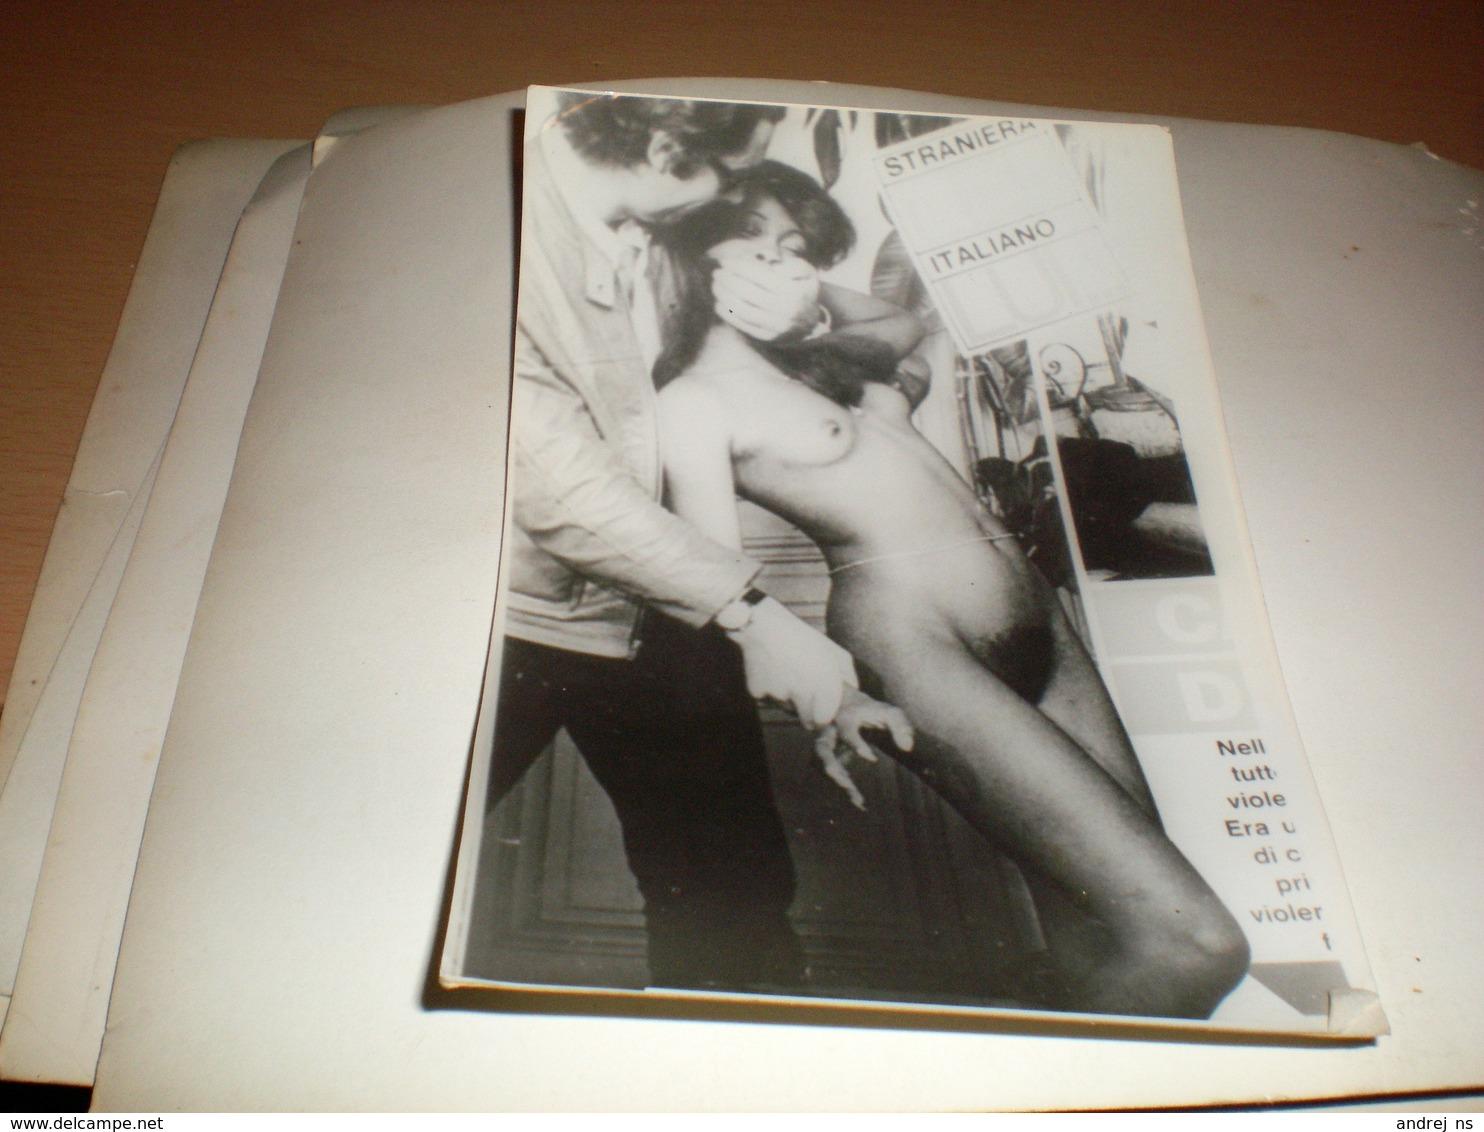 Pin Ups Nude Couples Straniera Italiano - Pin-Ups